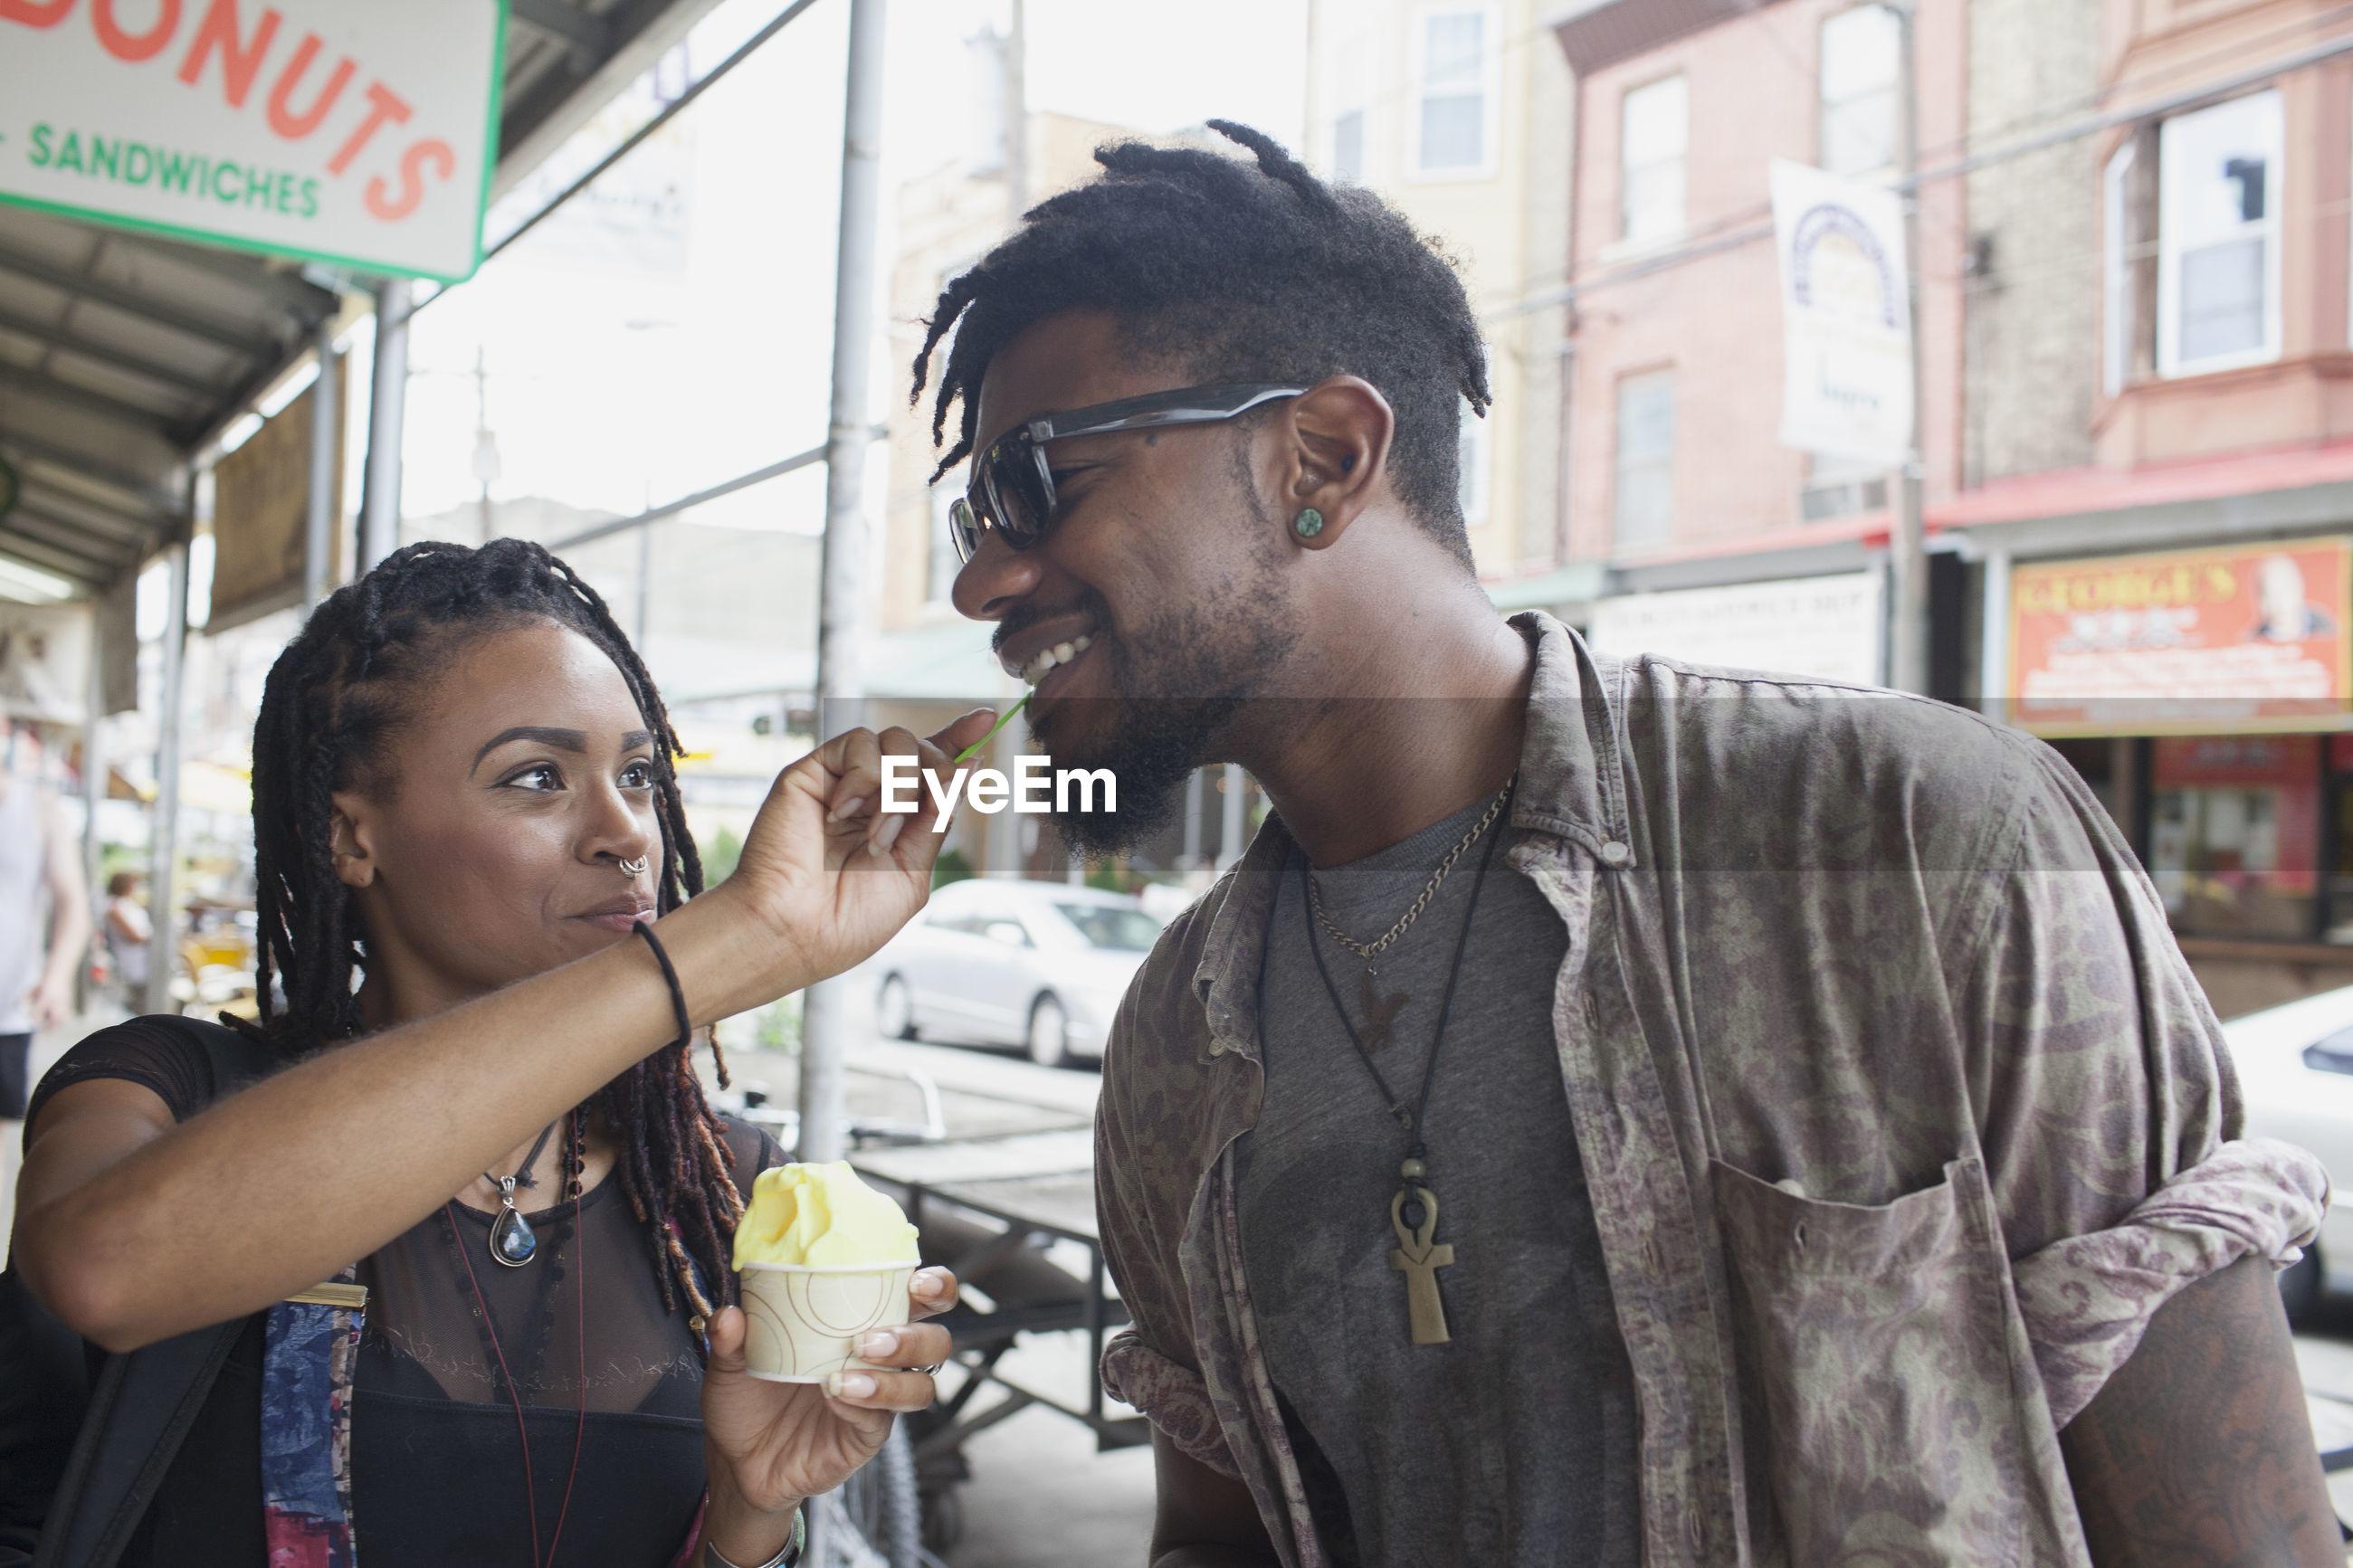 A young woman feeiding a young man frozen yogurt.